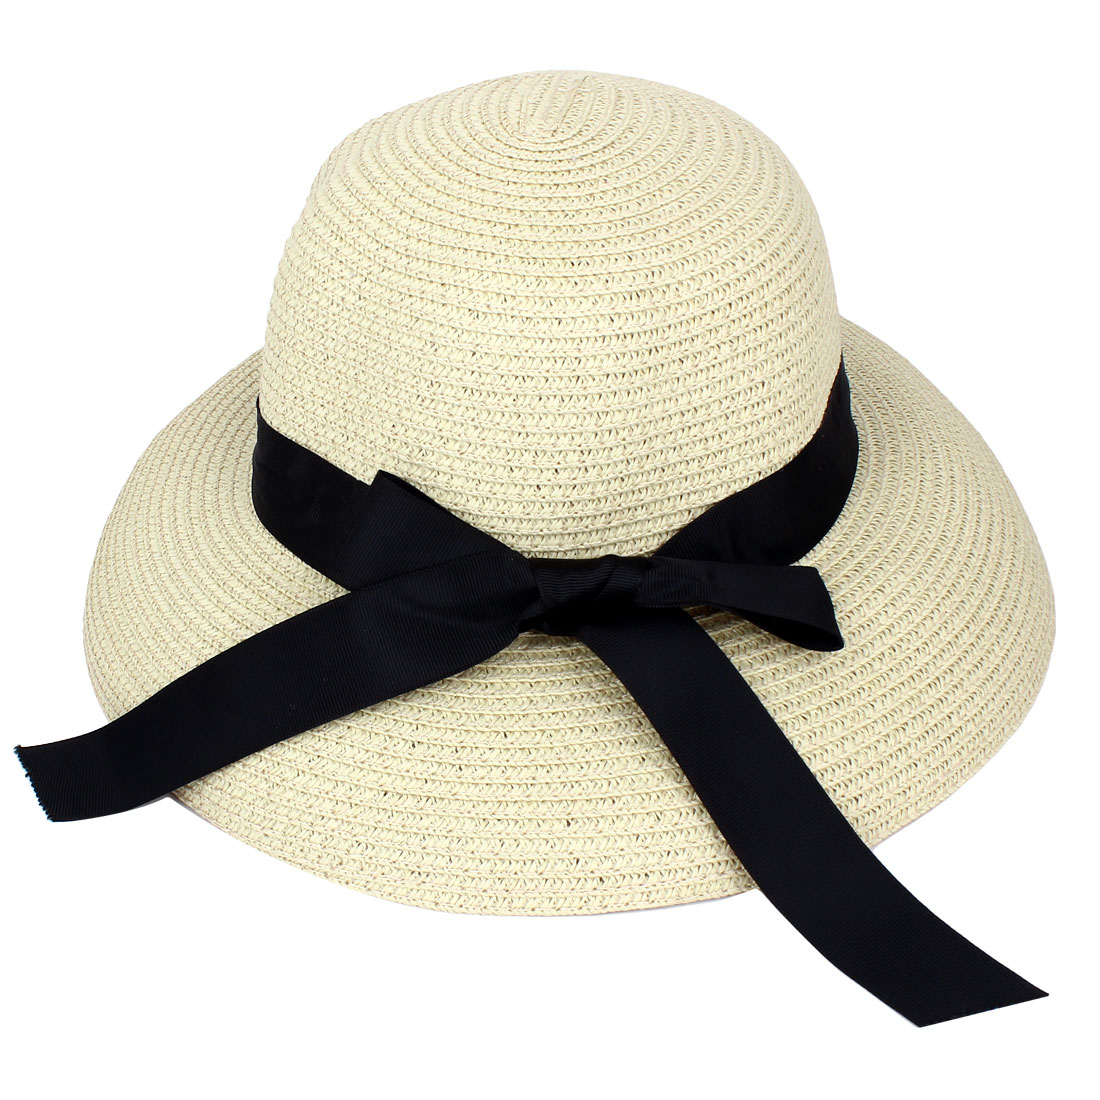 Unique Bargains Tasharina Women S Straw Braided Sun Visor Bowtie Ornament Floppy Beach Hat Cap Beige